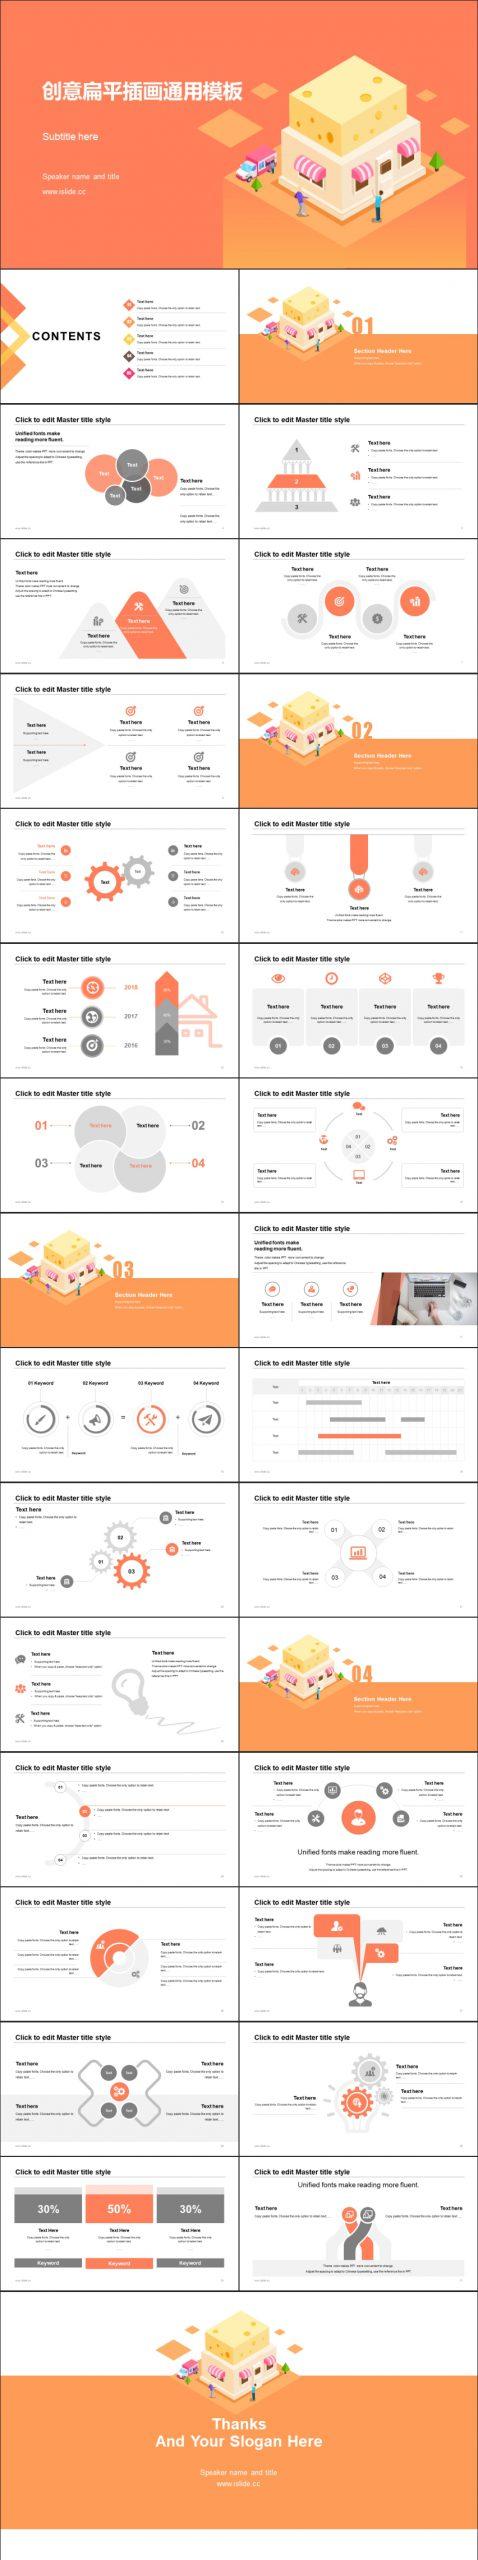 橙色简约网页插画风格PPT模板下载_预览图2